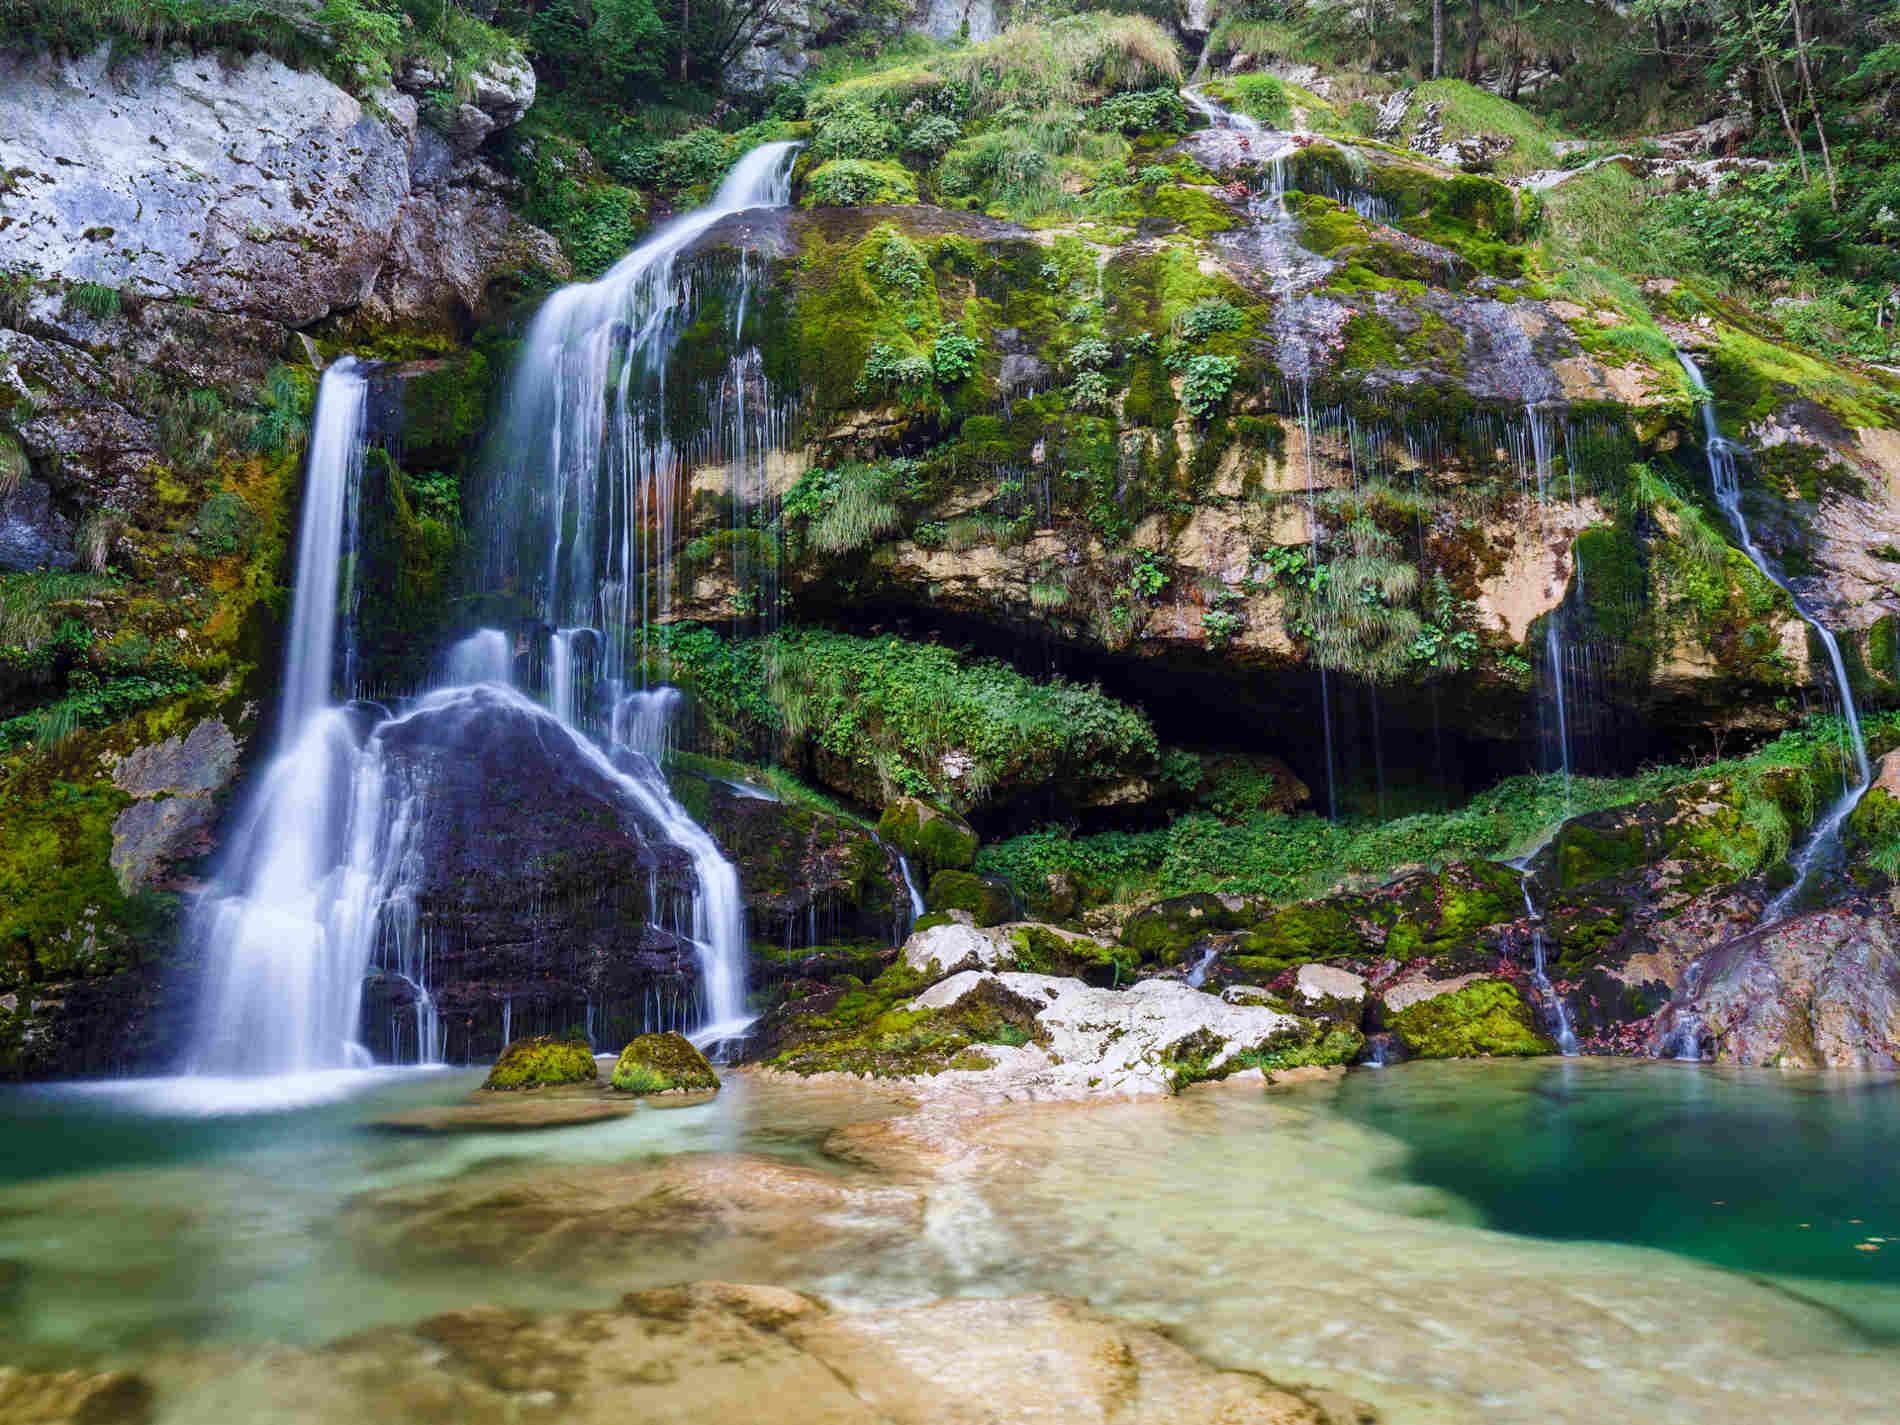 Cose da vedere in un Viaggio in Slovenia - Cascate di Slap Virje